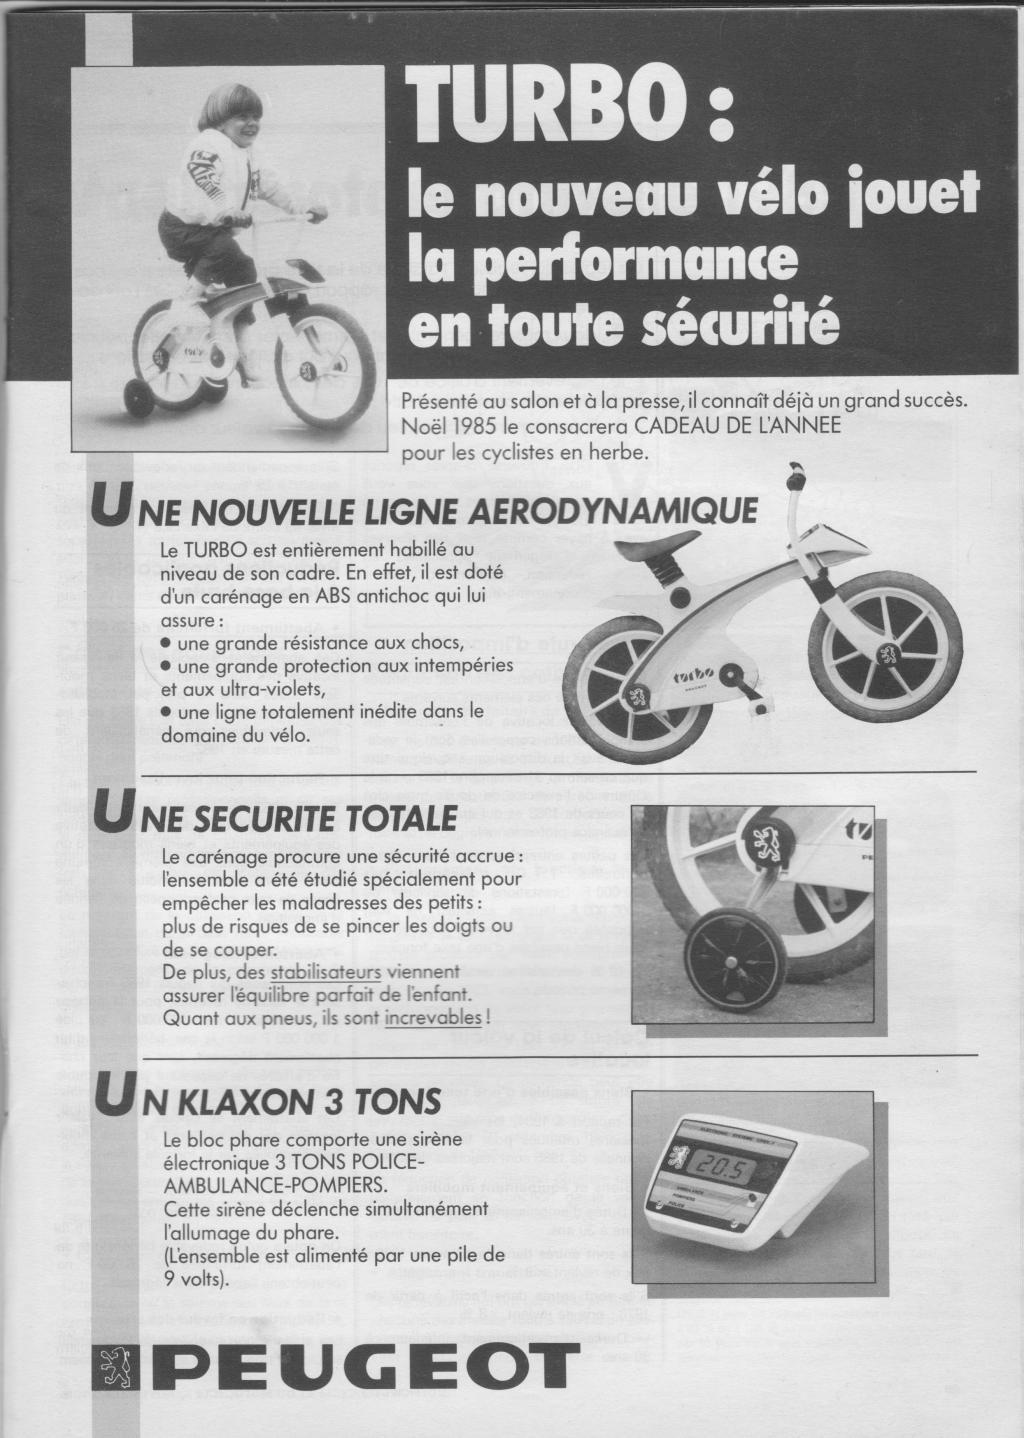 Peugeot Turbo  Velo-110